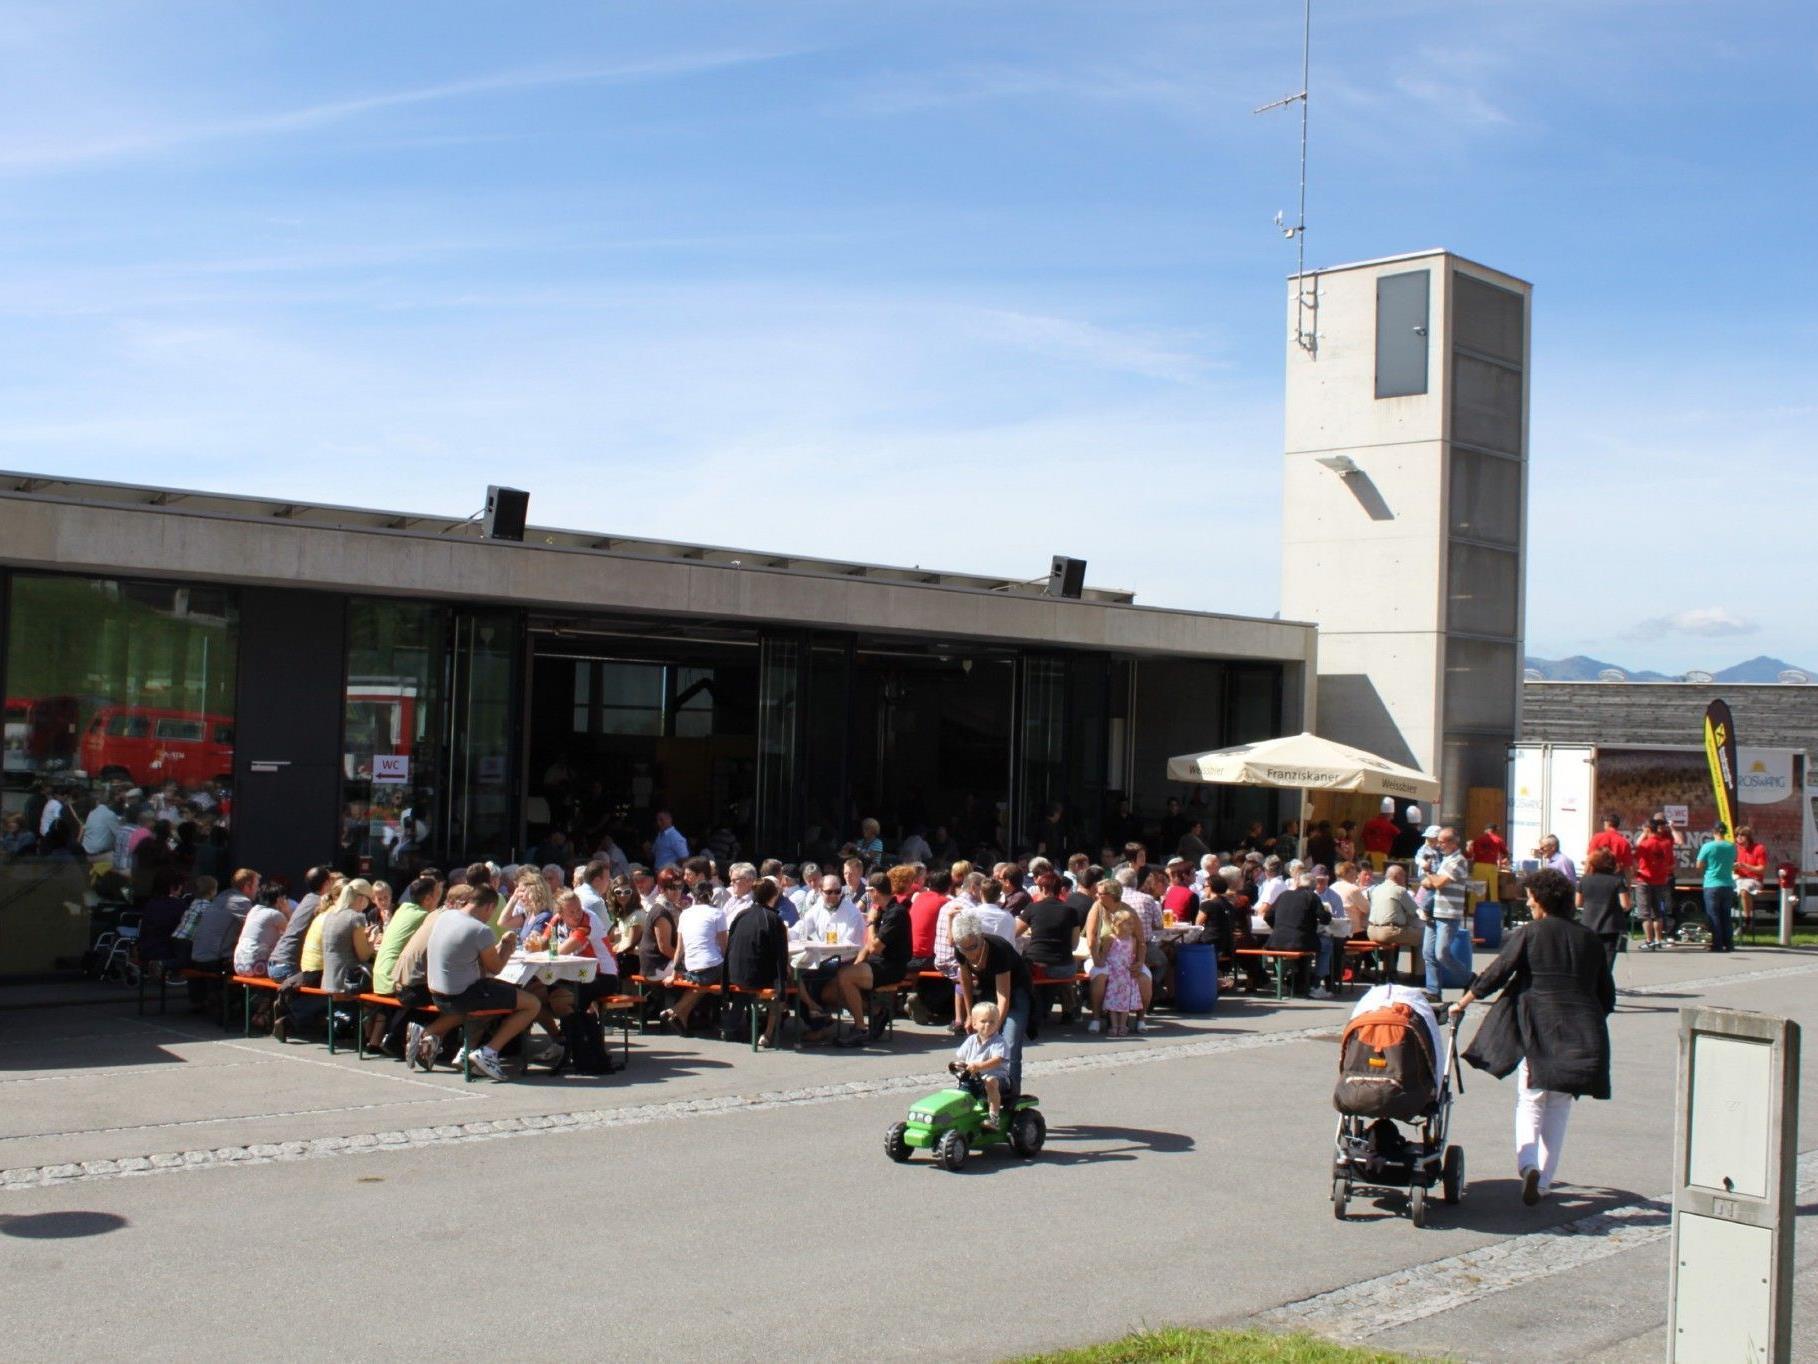 Die Fraxner Kilbi findet erstmals an 2 Tagen statt - dem 8. und 9. September 2012.